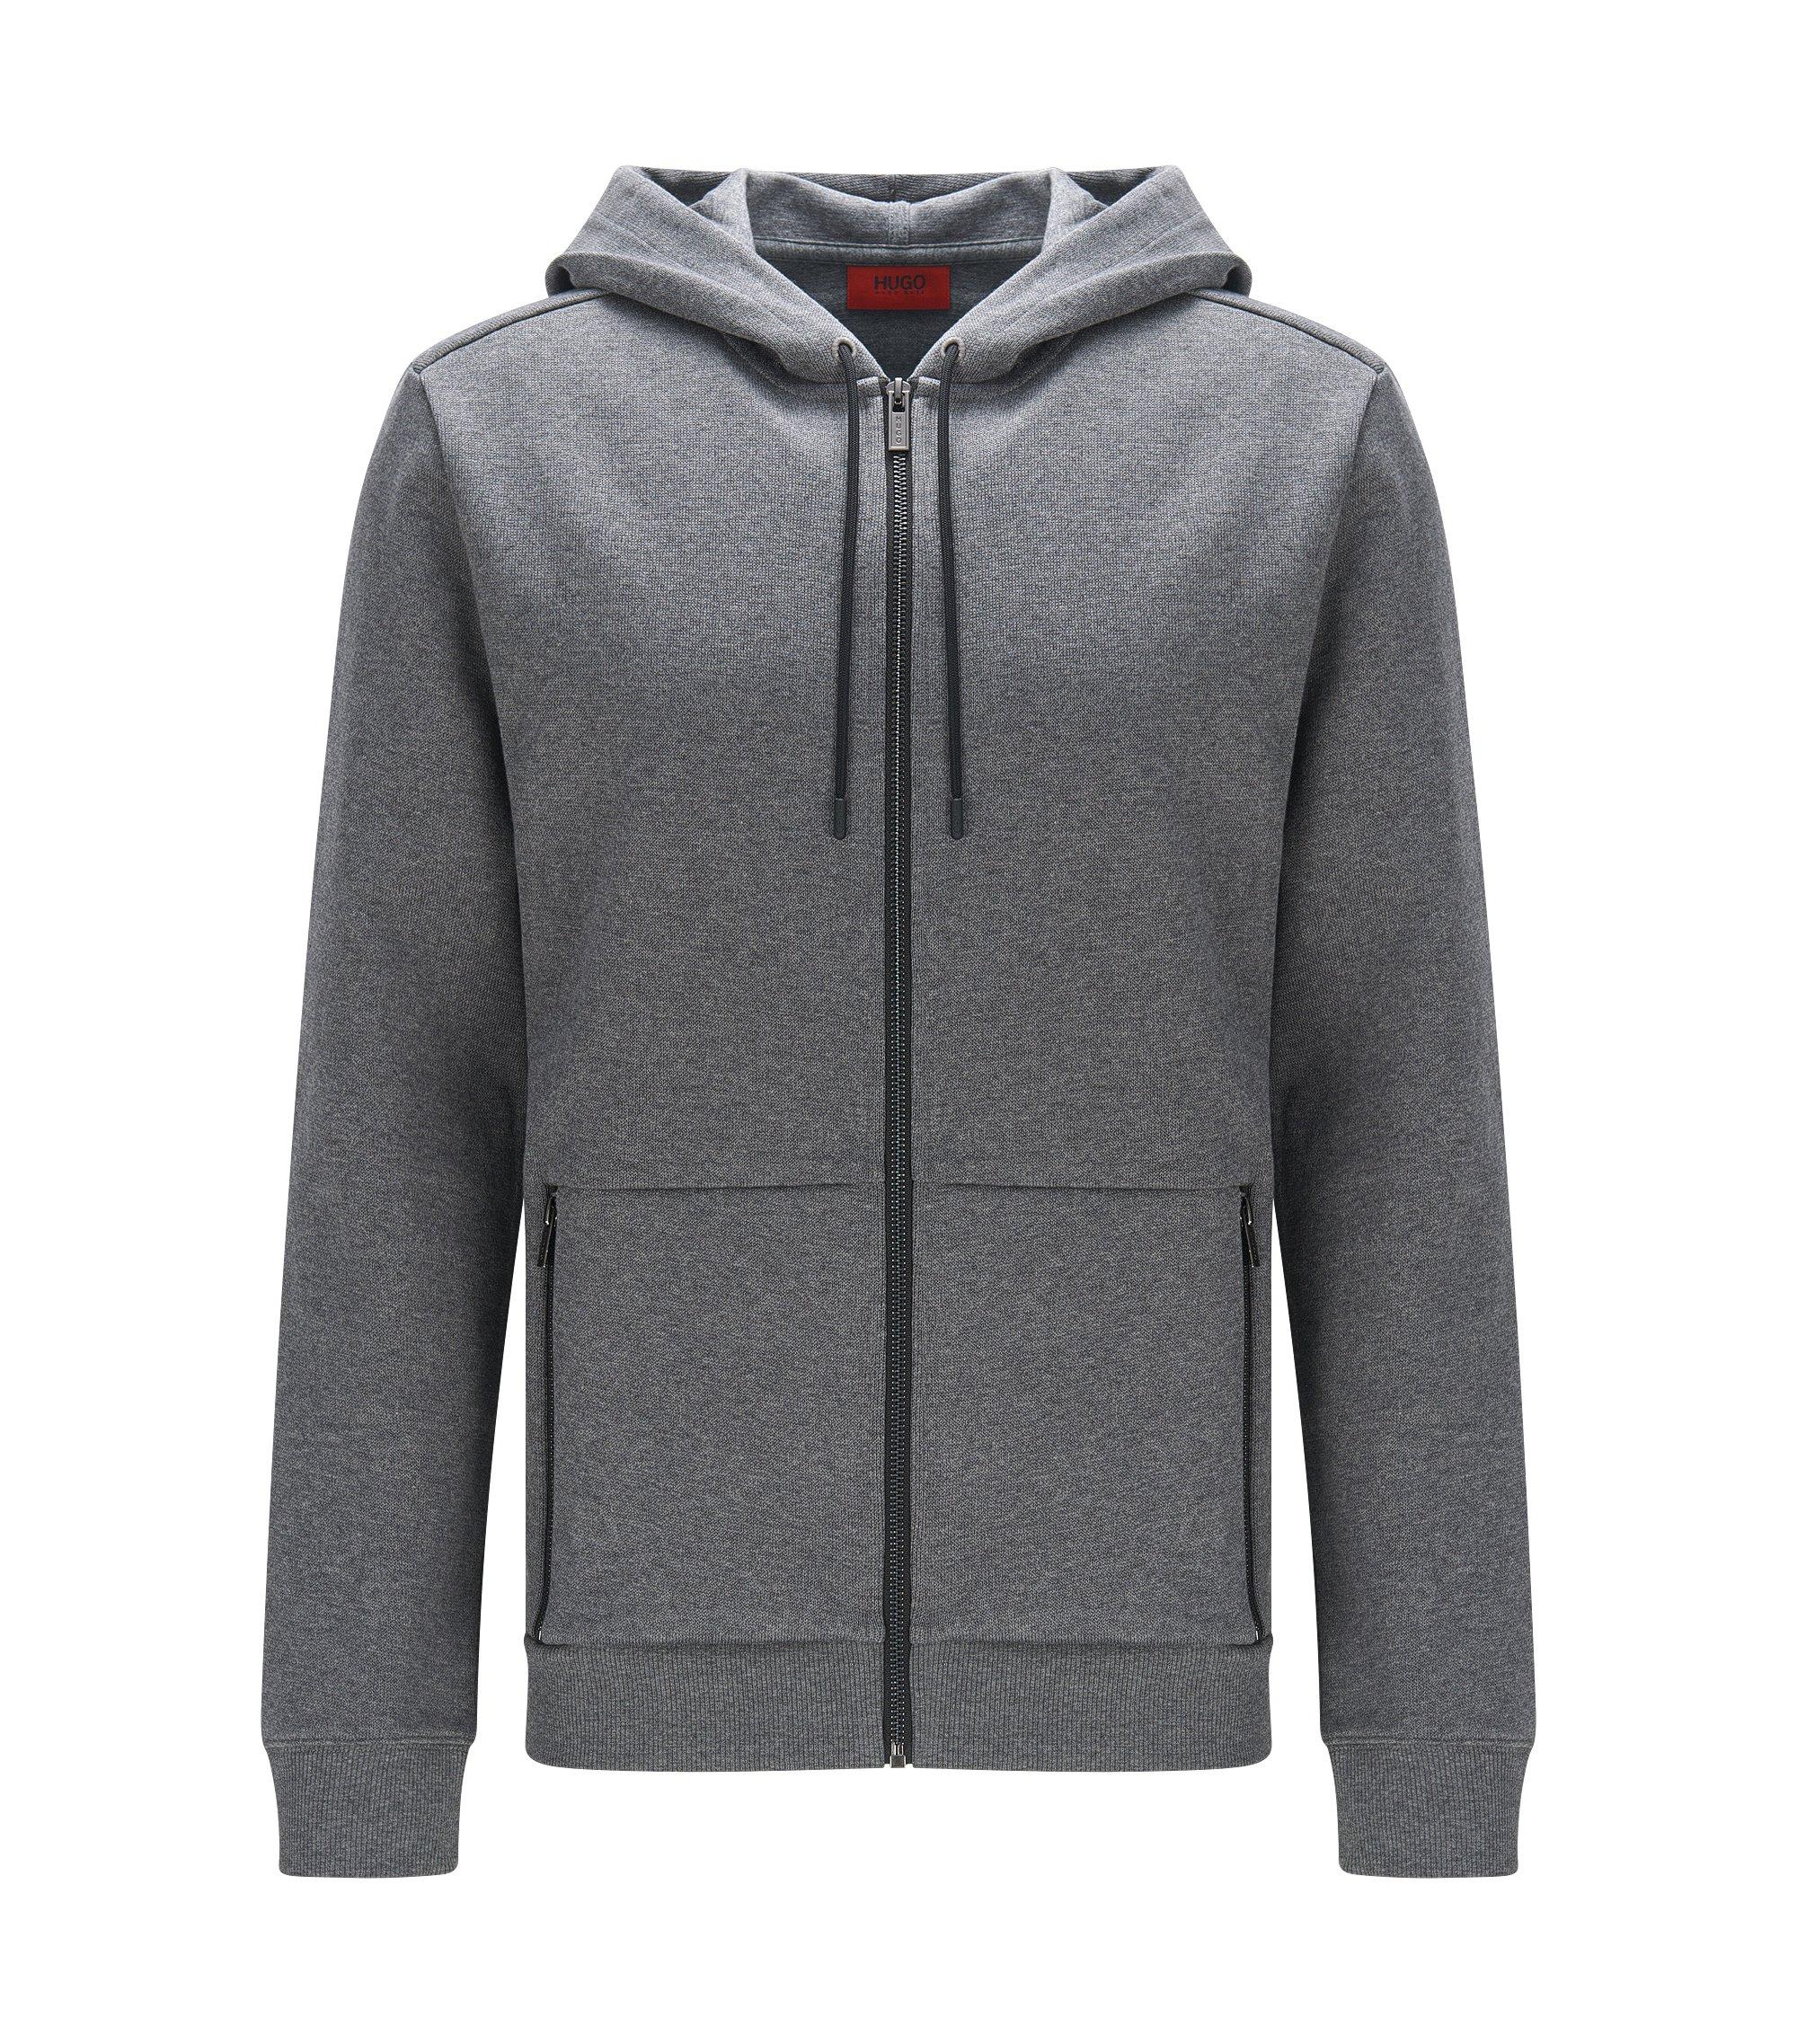 Cotton Hooded Sweatshirt | Dampton, Grey